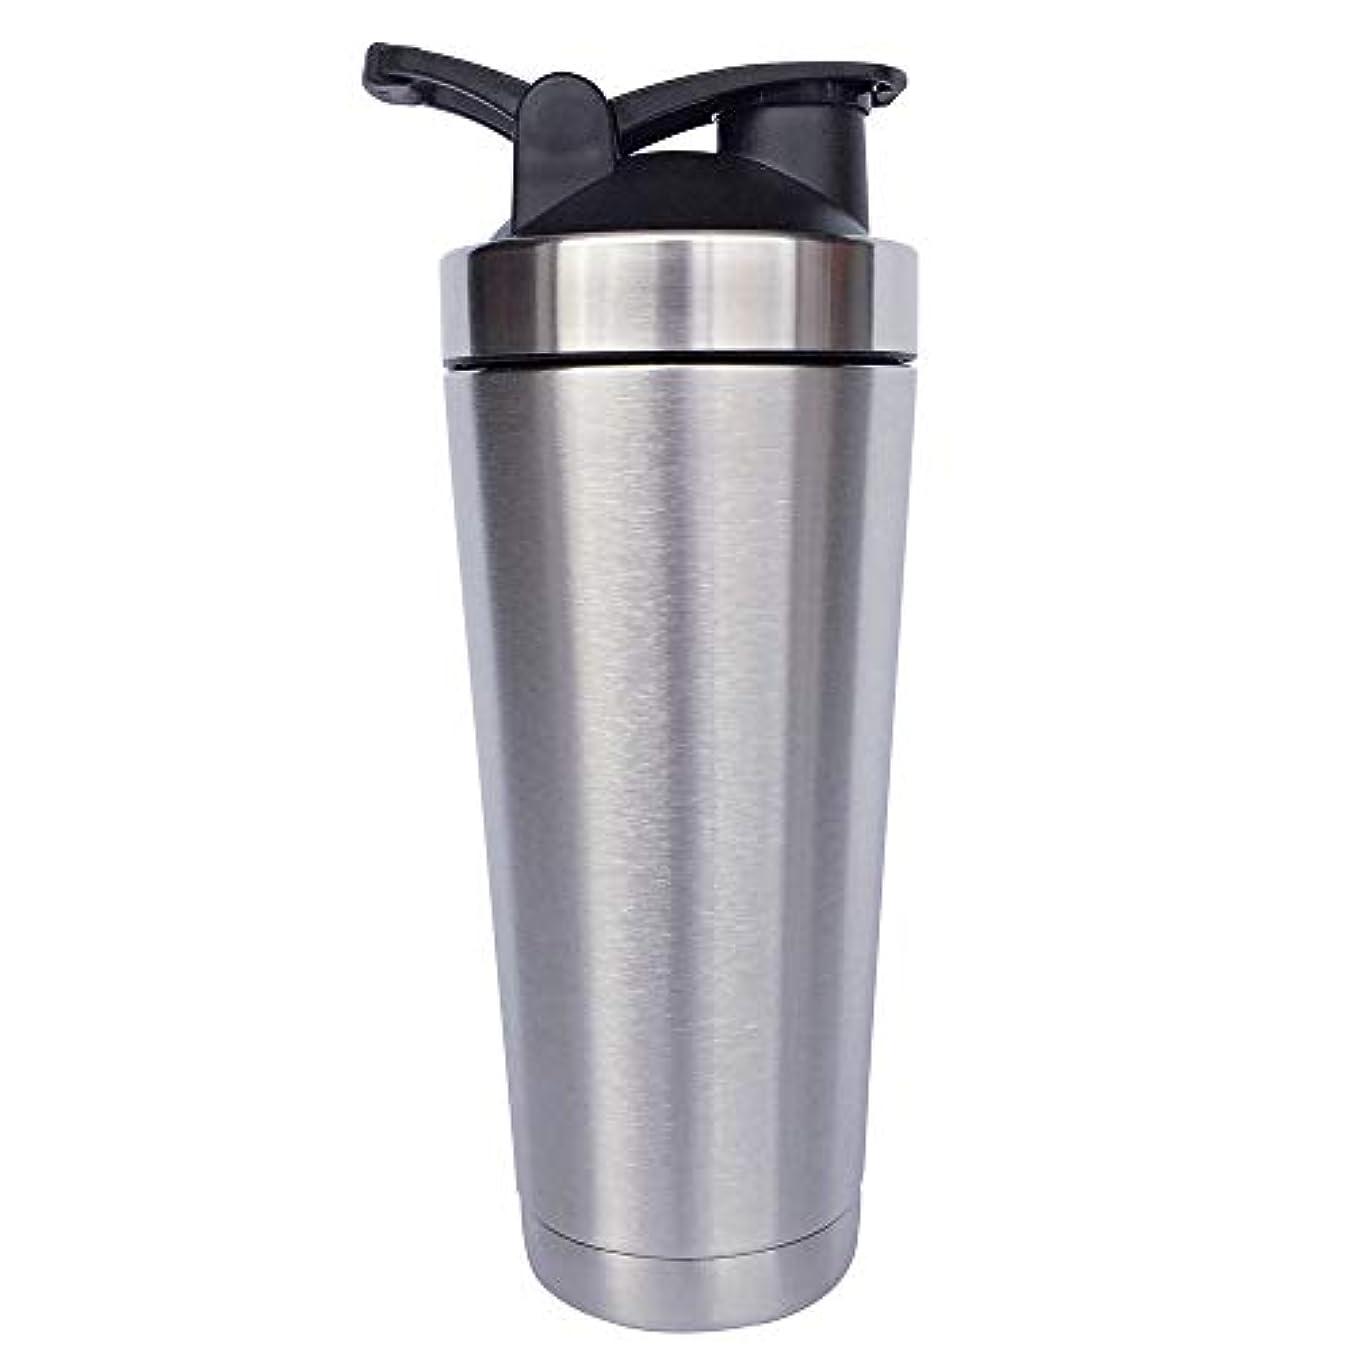 鹿強化する休眠シェーカーボトル-二重壁ステンレス鋼 & 真空断熱-時間のためのホットまたはコールドドリンクをキープ-臭気耐性抗菌汗プルーフ-環境にやさしい無毒 (銀),720ml